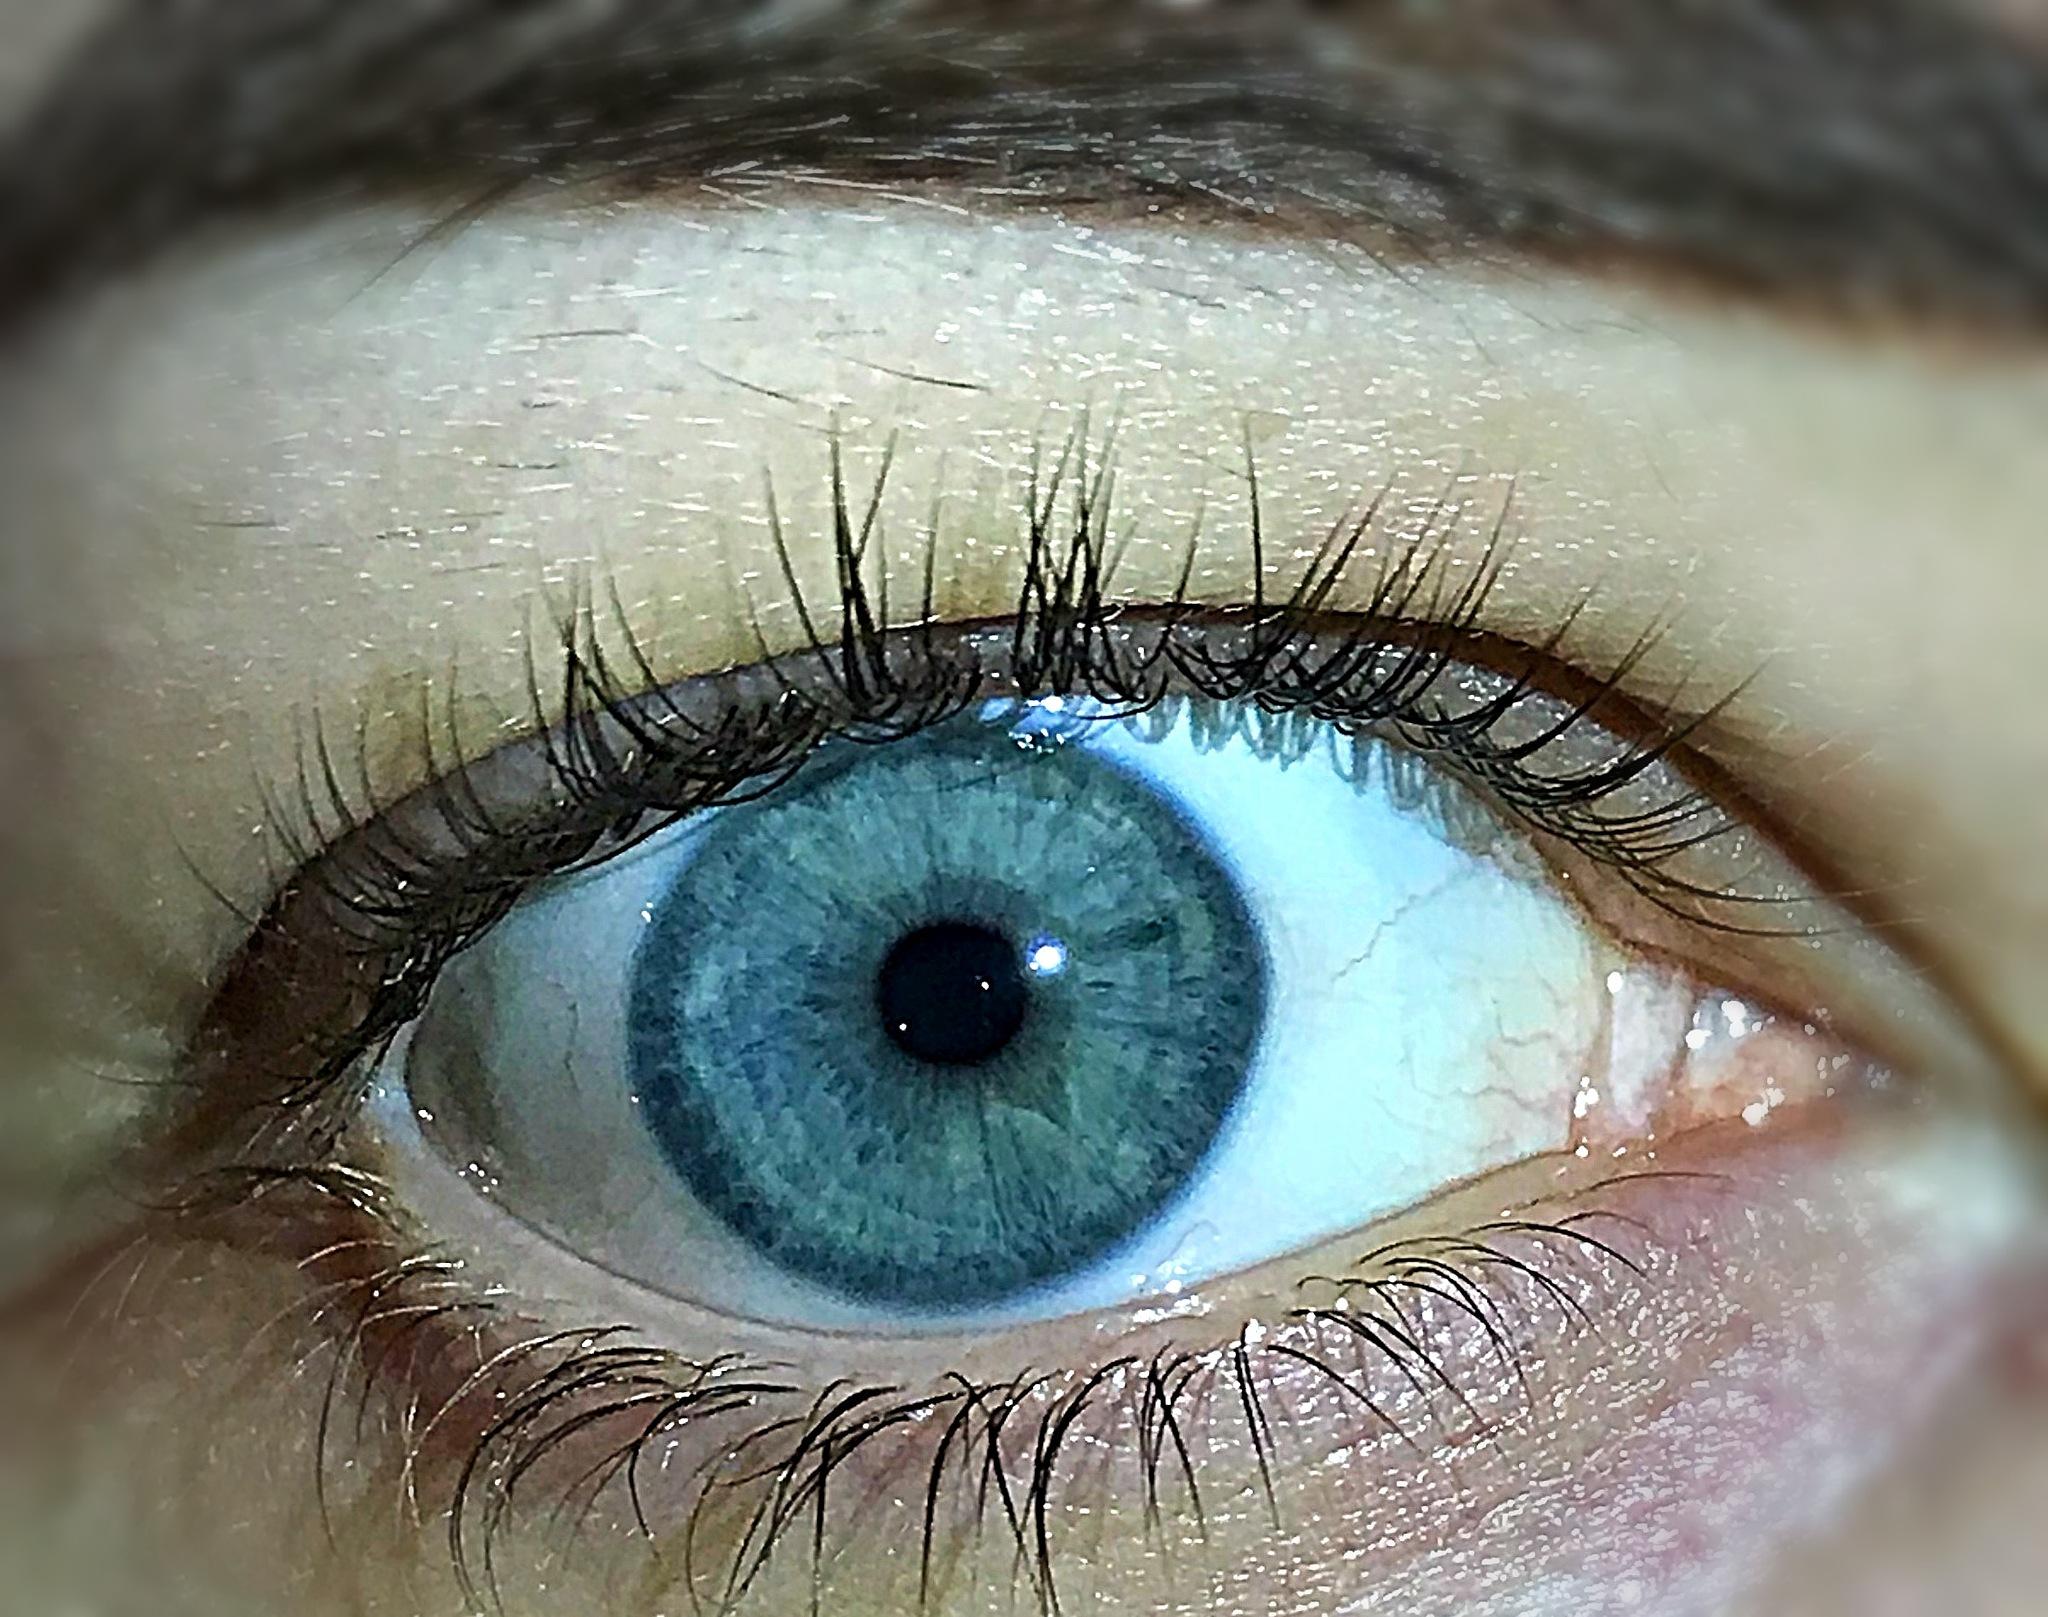 Blue eye by Kirsty tucker